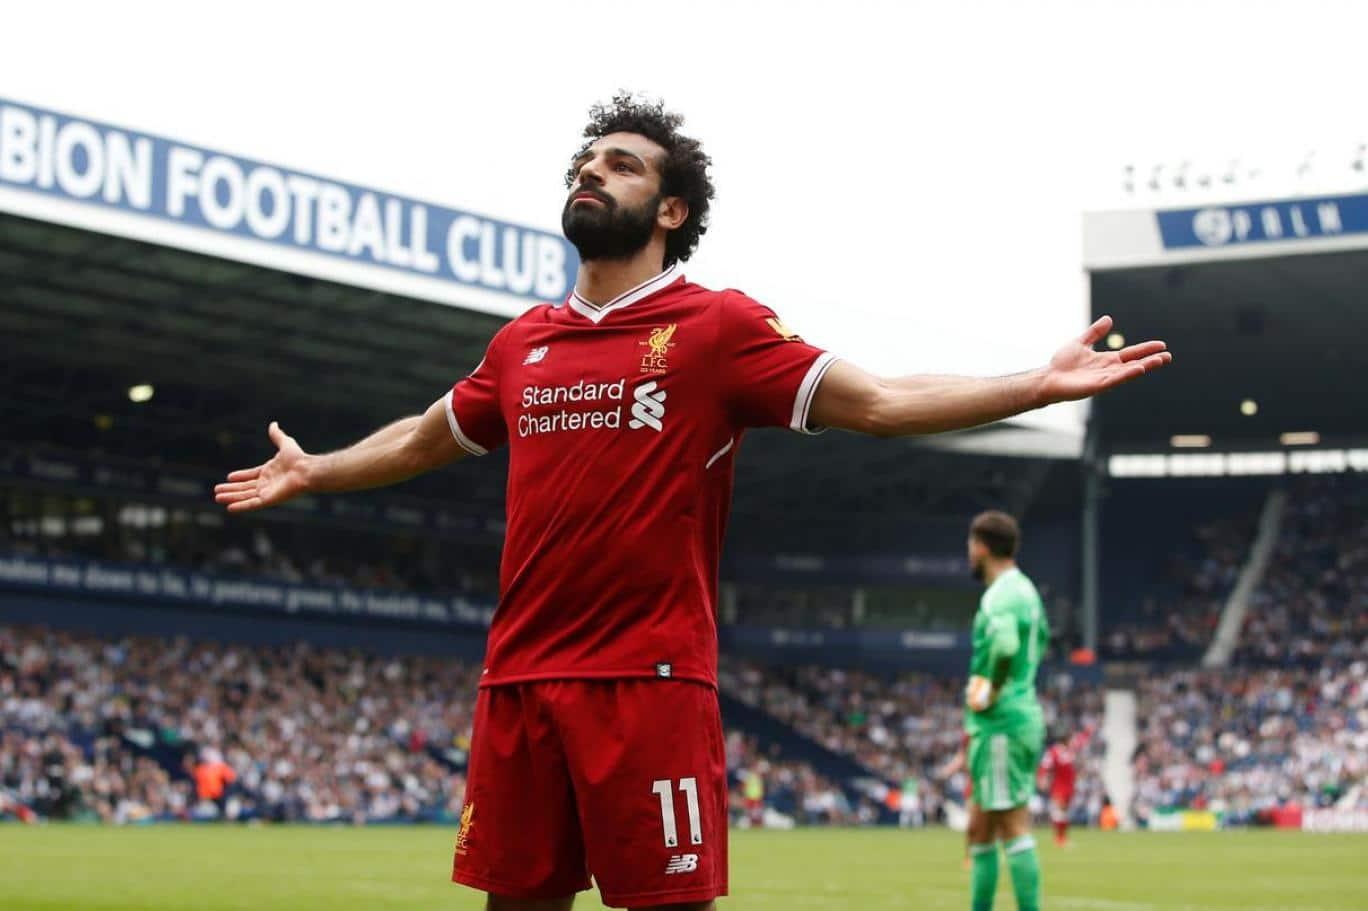 محمد صلاح يدخل التاريخ برقم قياسي جديد مع ليفربول في الدوري الإنجليزي (فيديو)